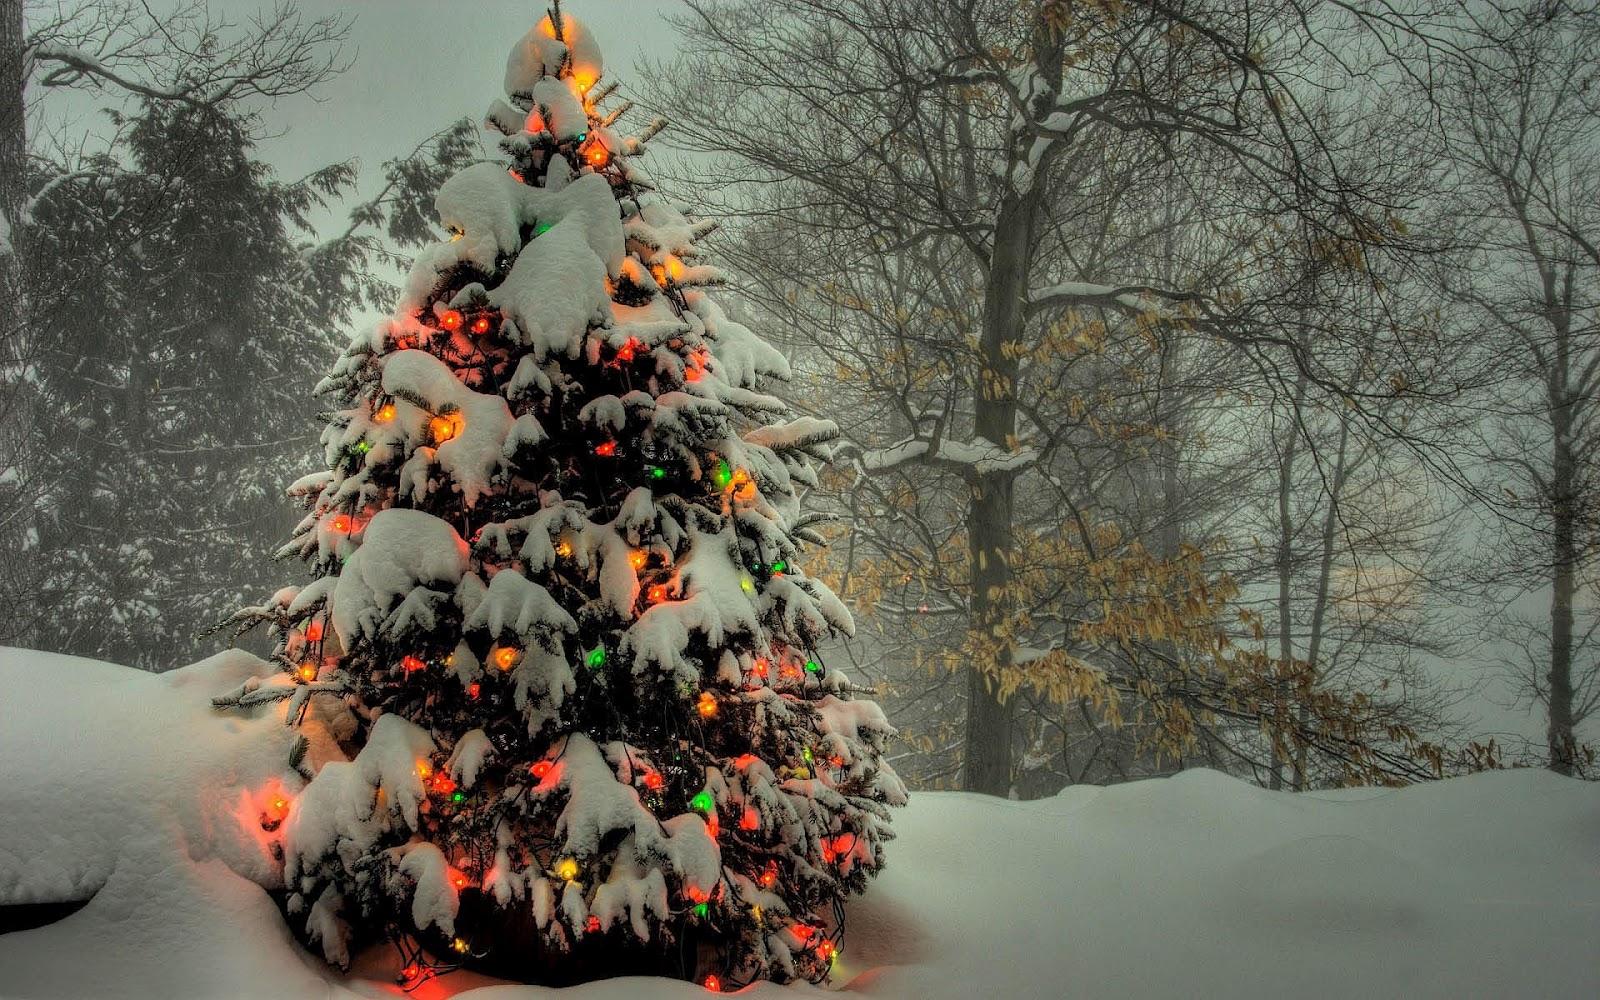 in de sneeuw met kerstverlichting aan HD winter wallpaper foto 1600x1000